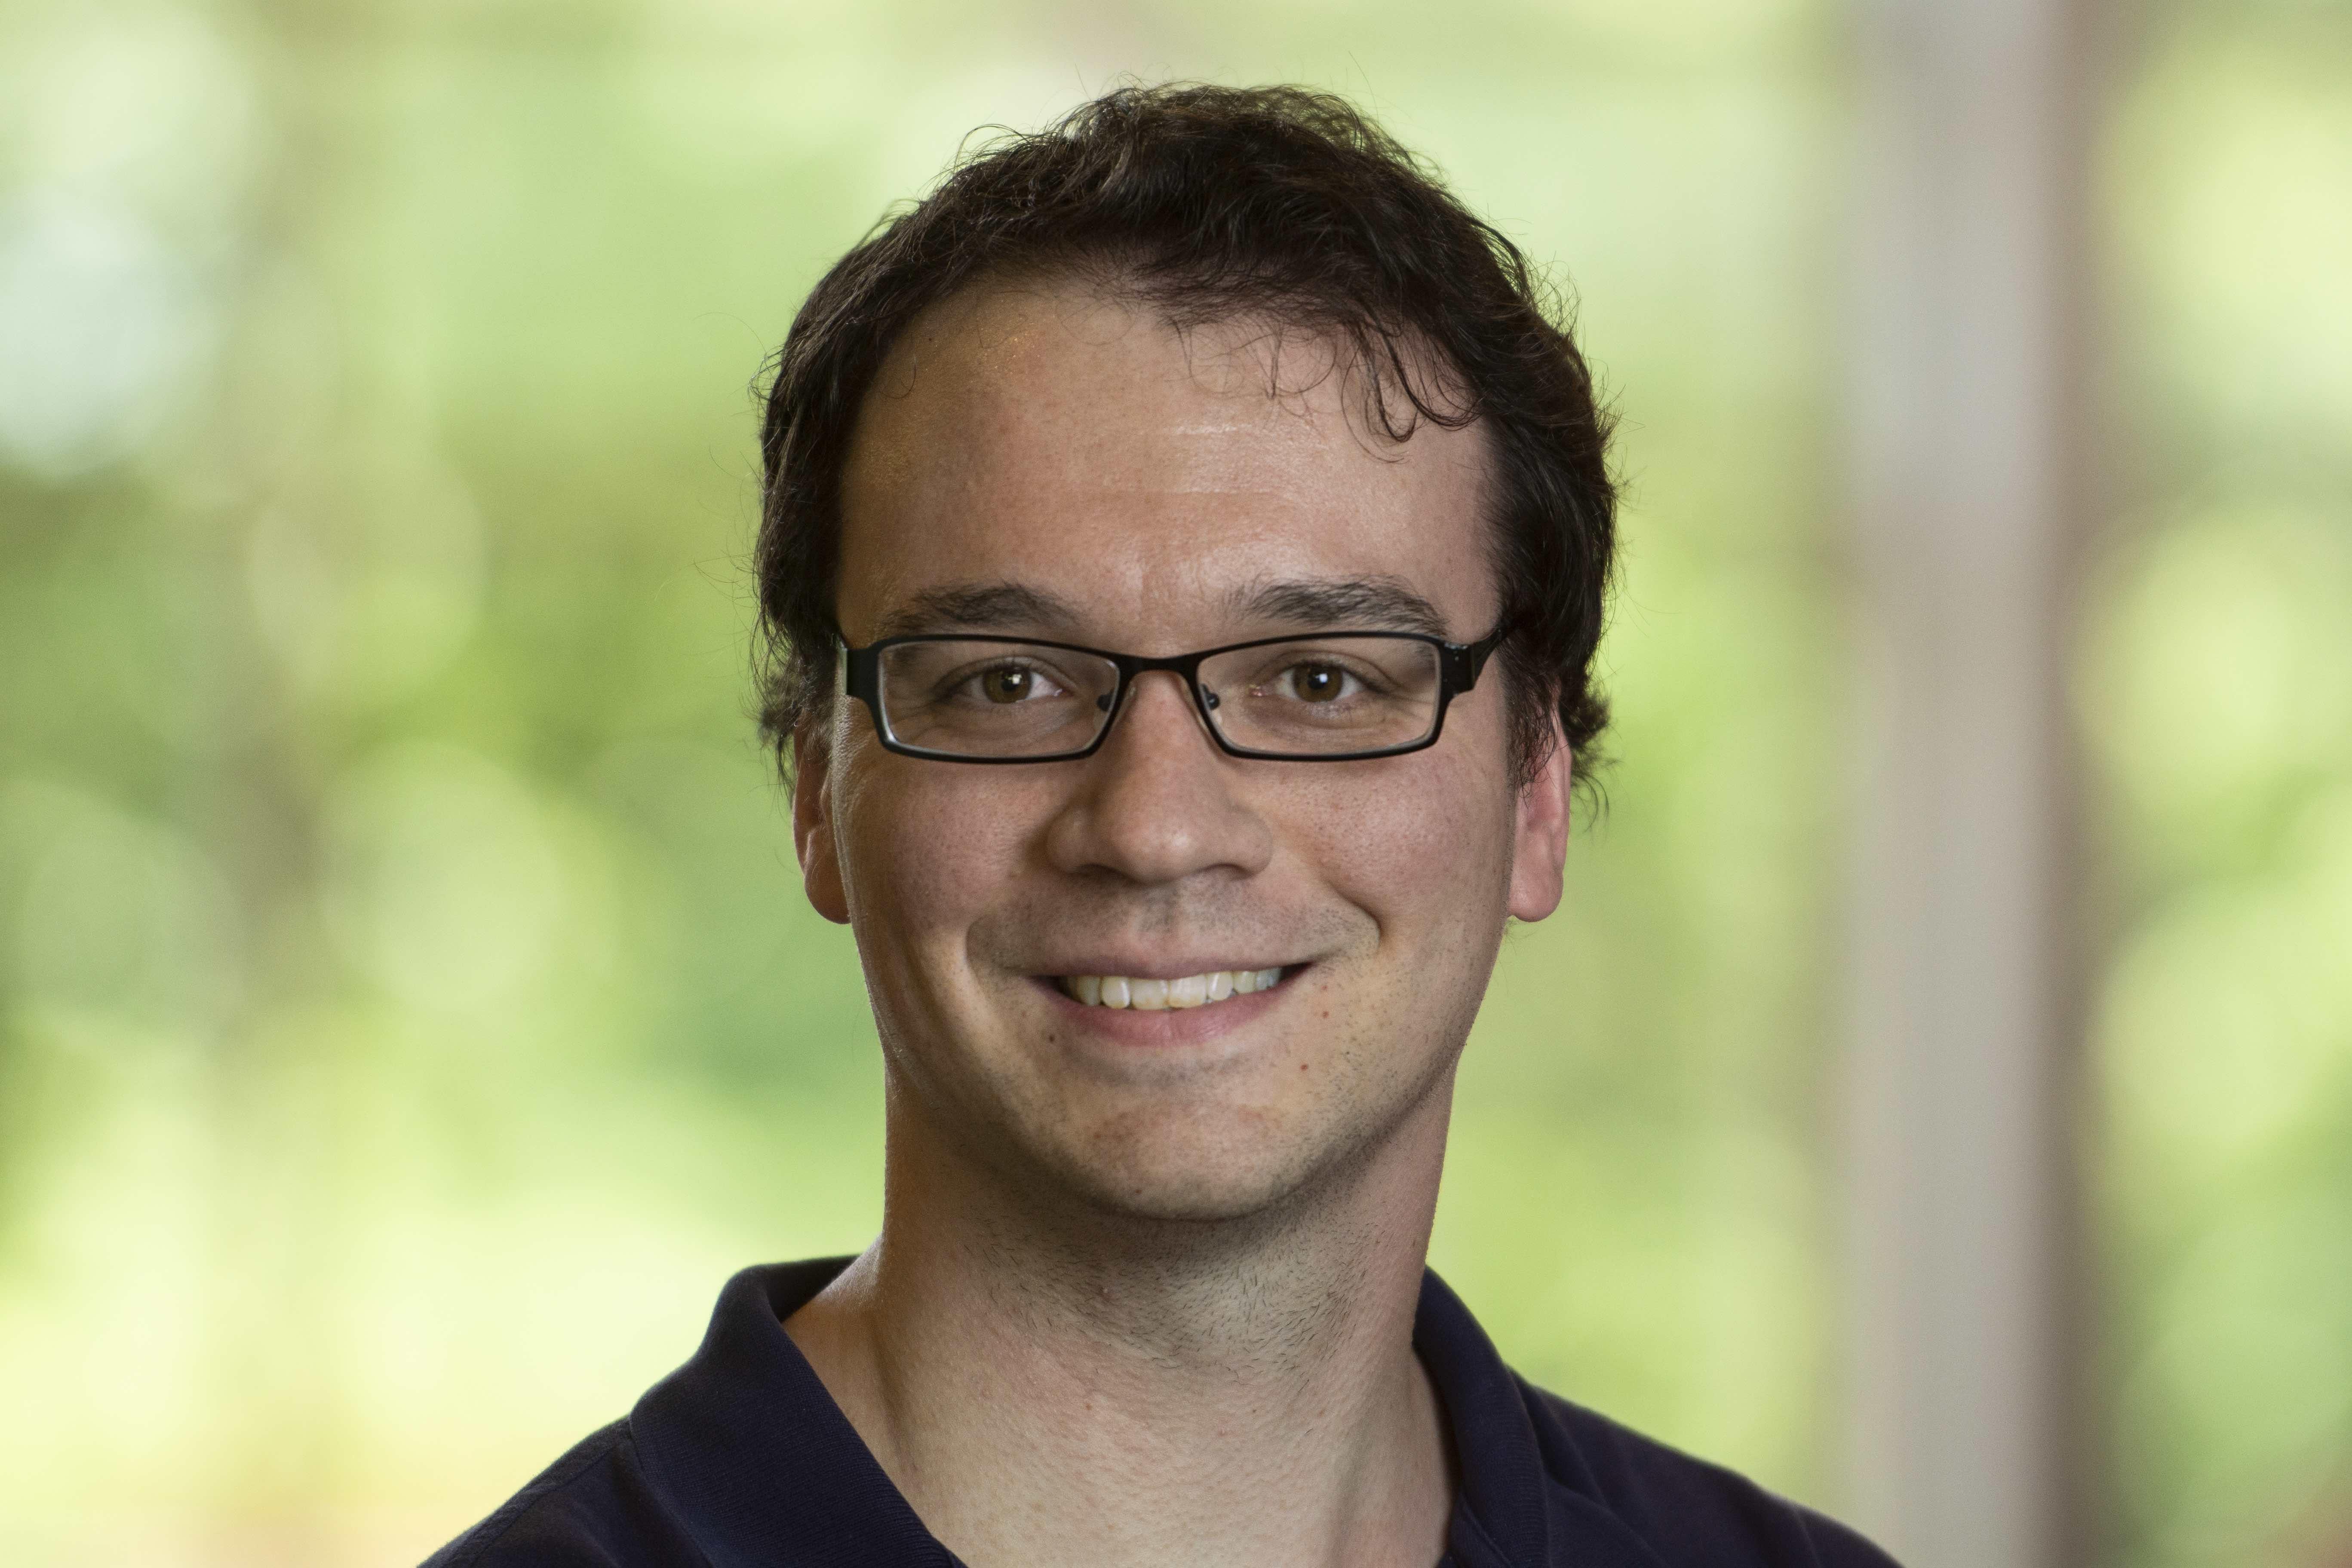 Daniel Sibert, academic advising specialist